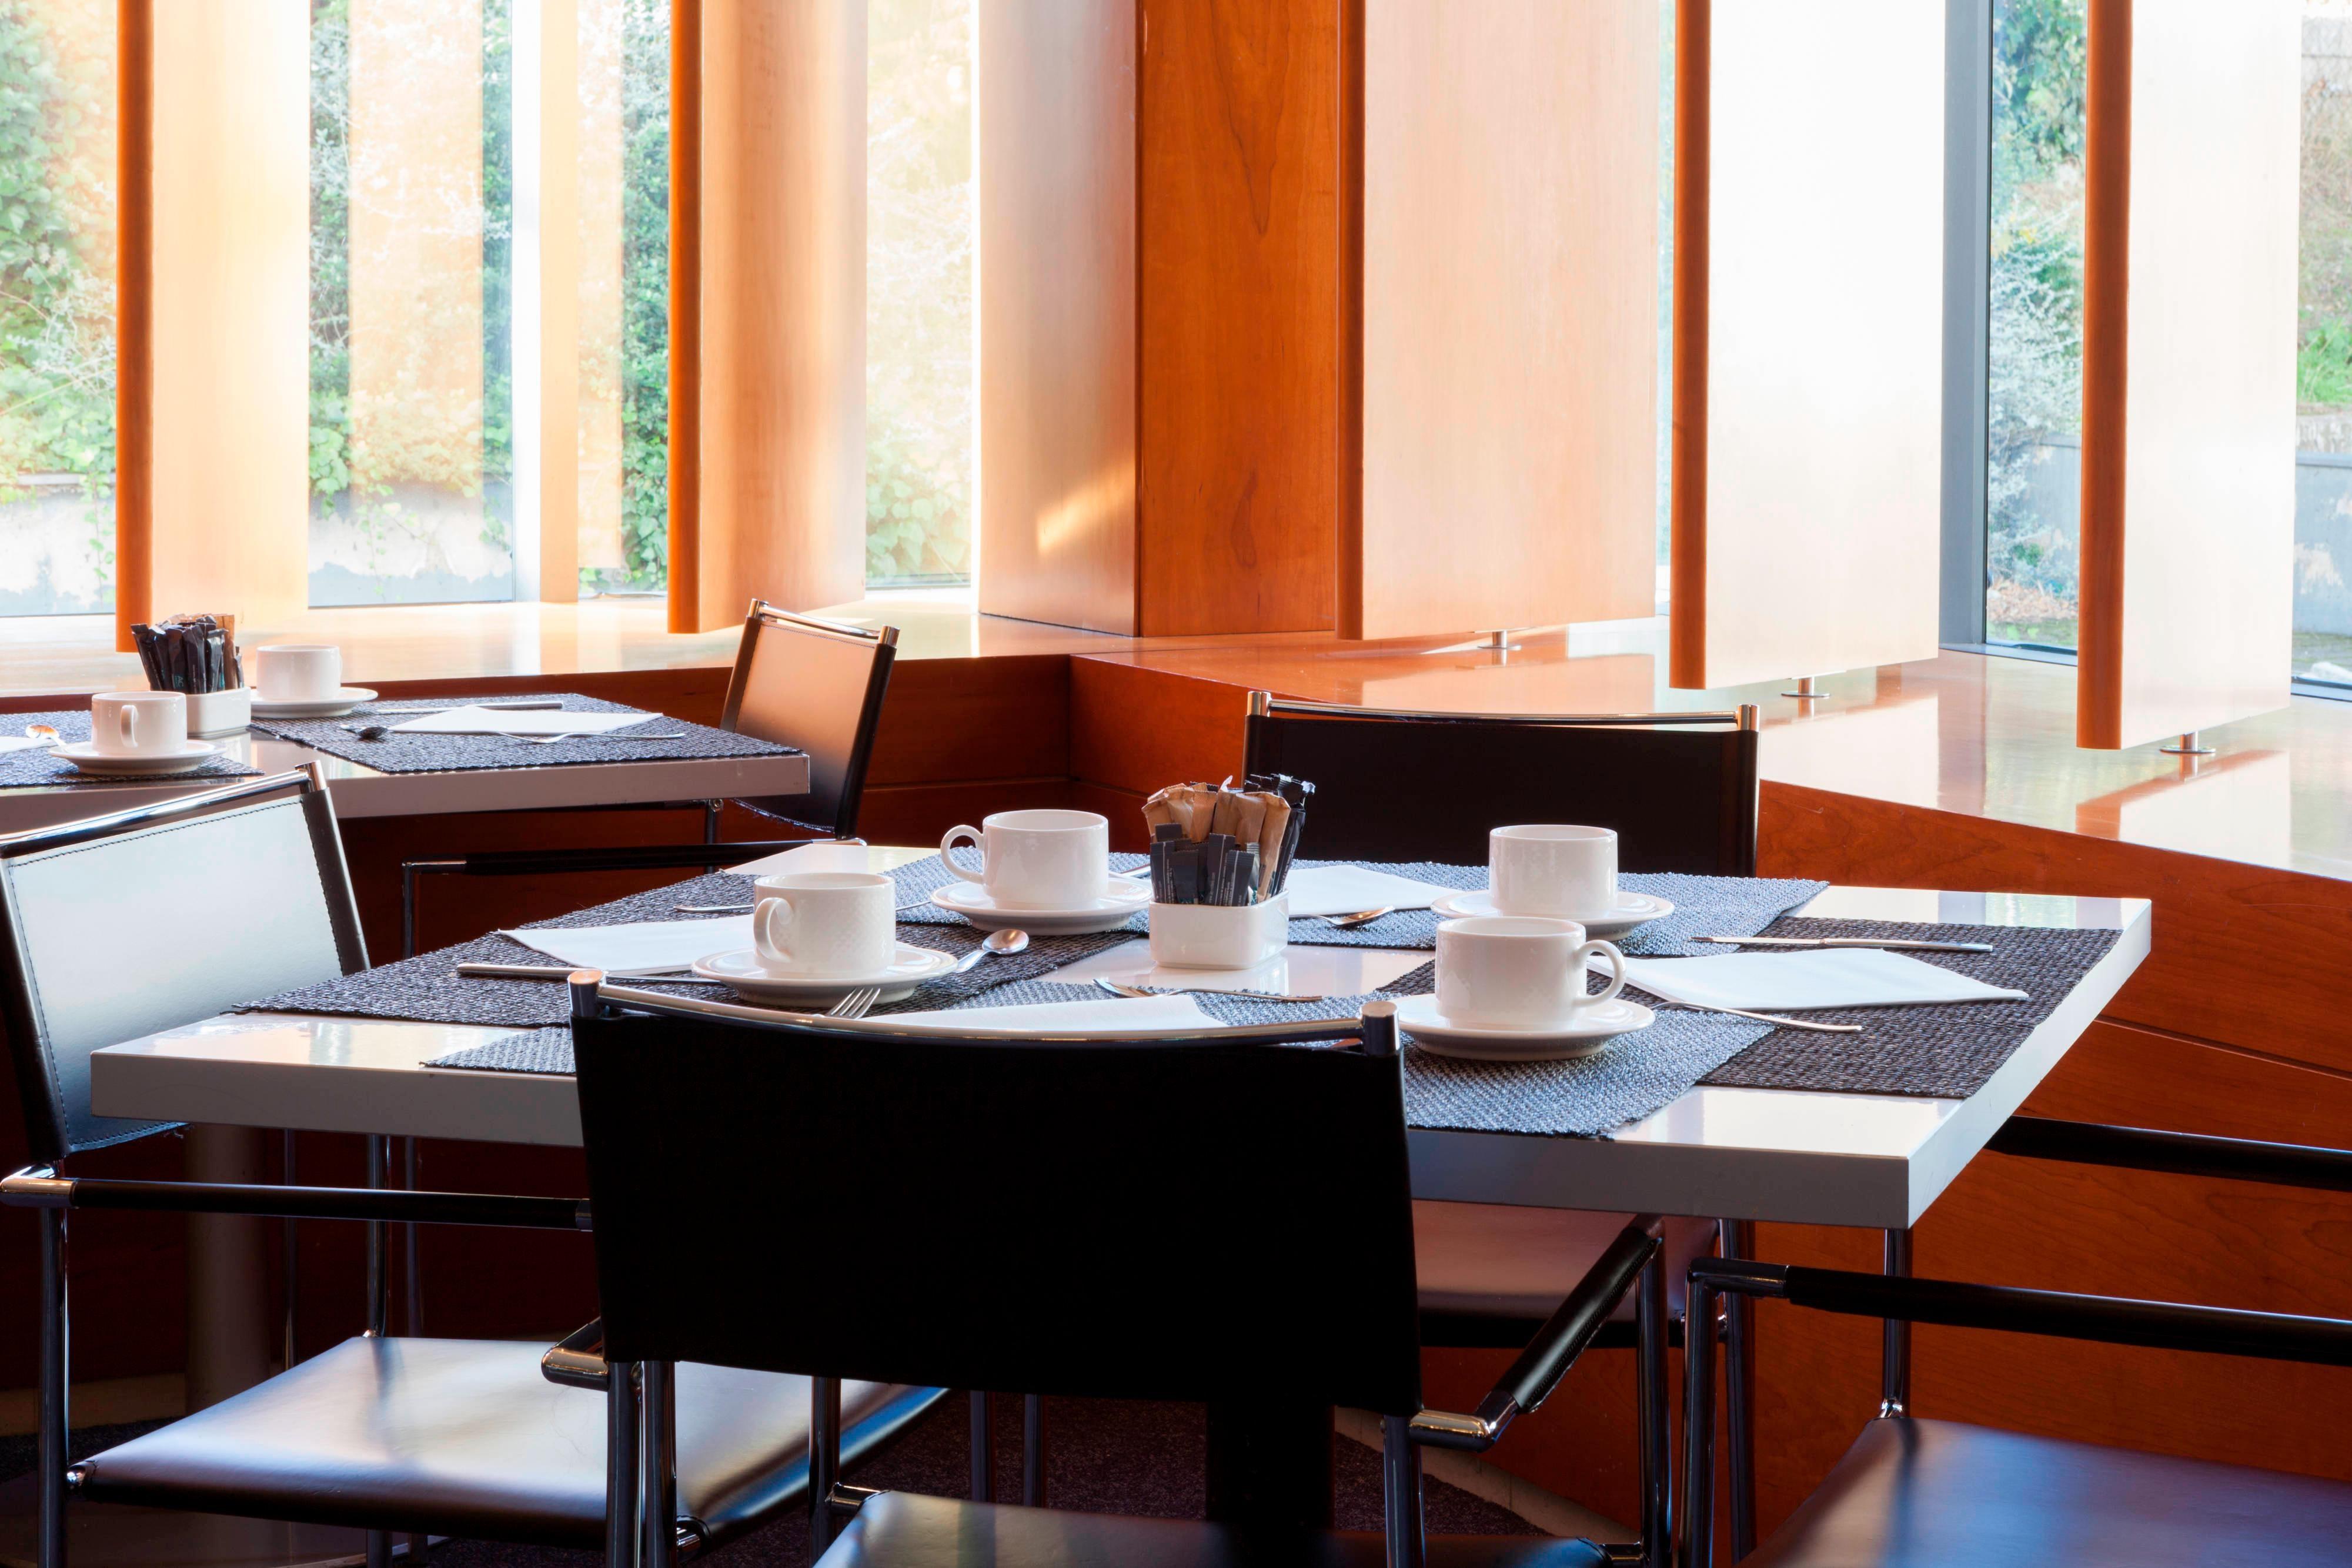 Aravaca hotel breakfast buffet